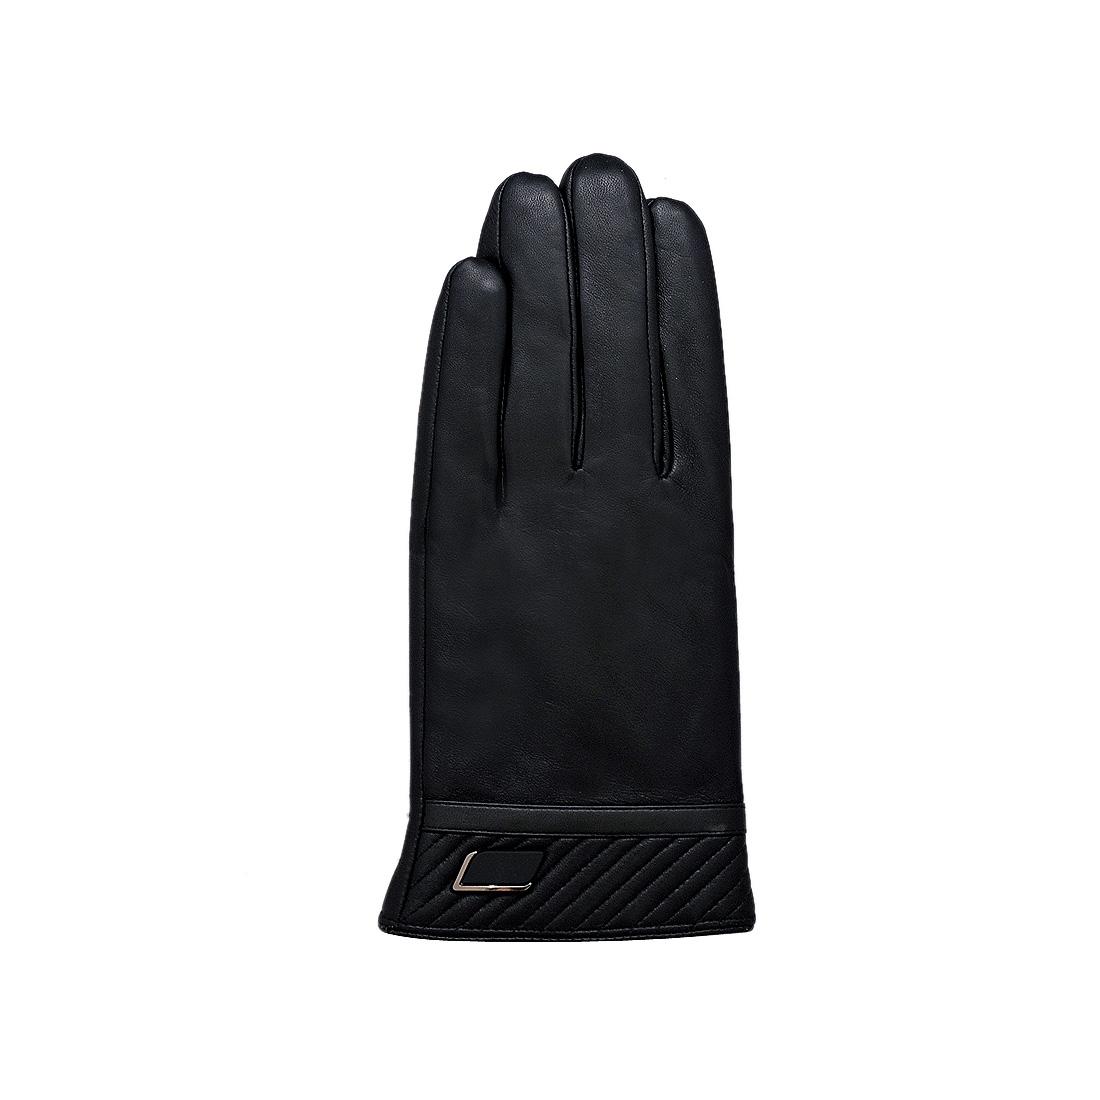 Găng tay nam da dê thật cao cấp màu đen EGM95